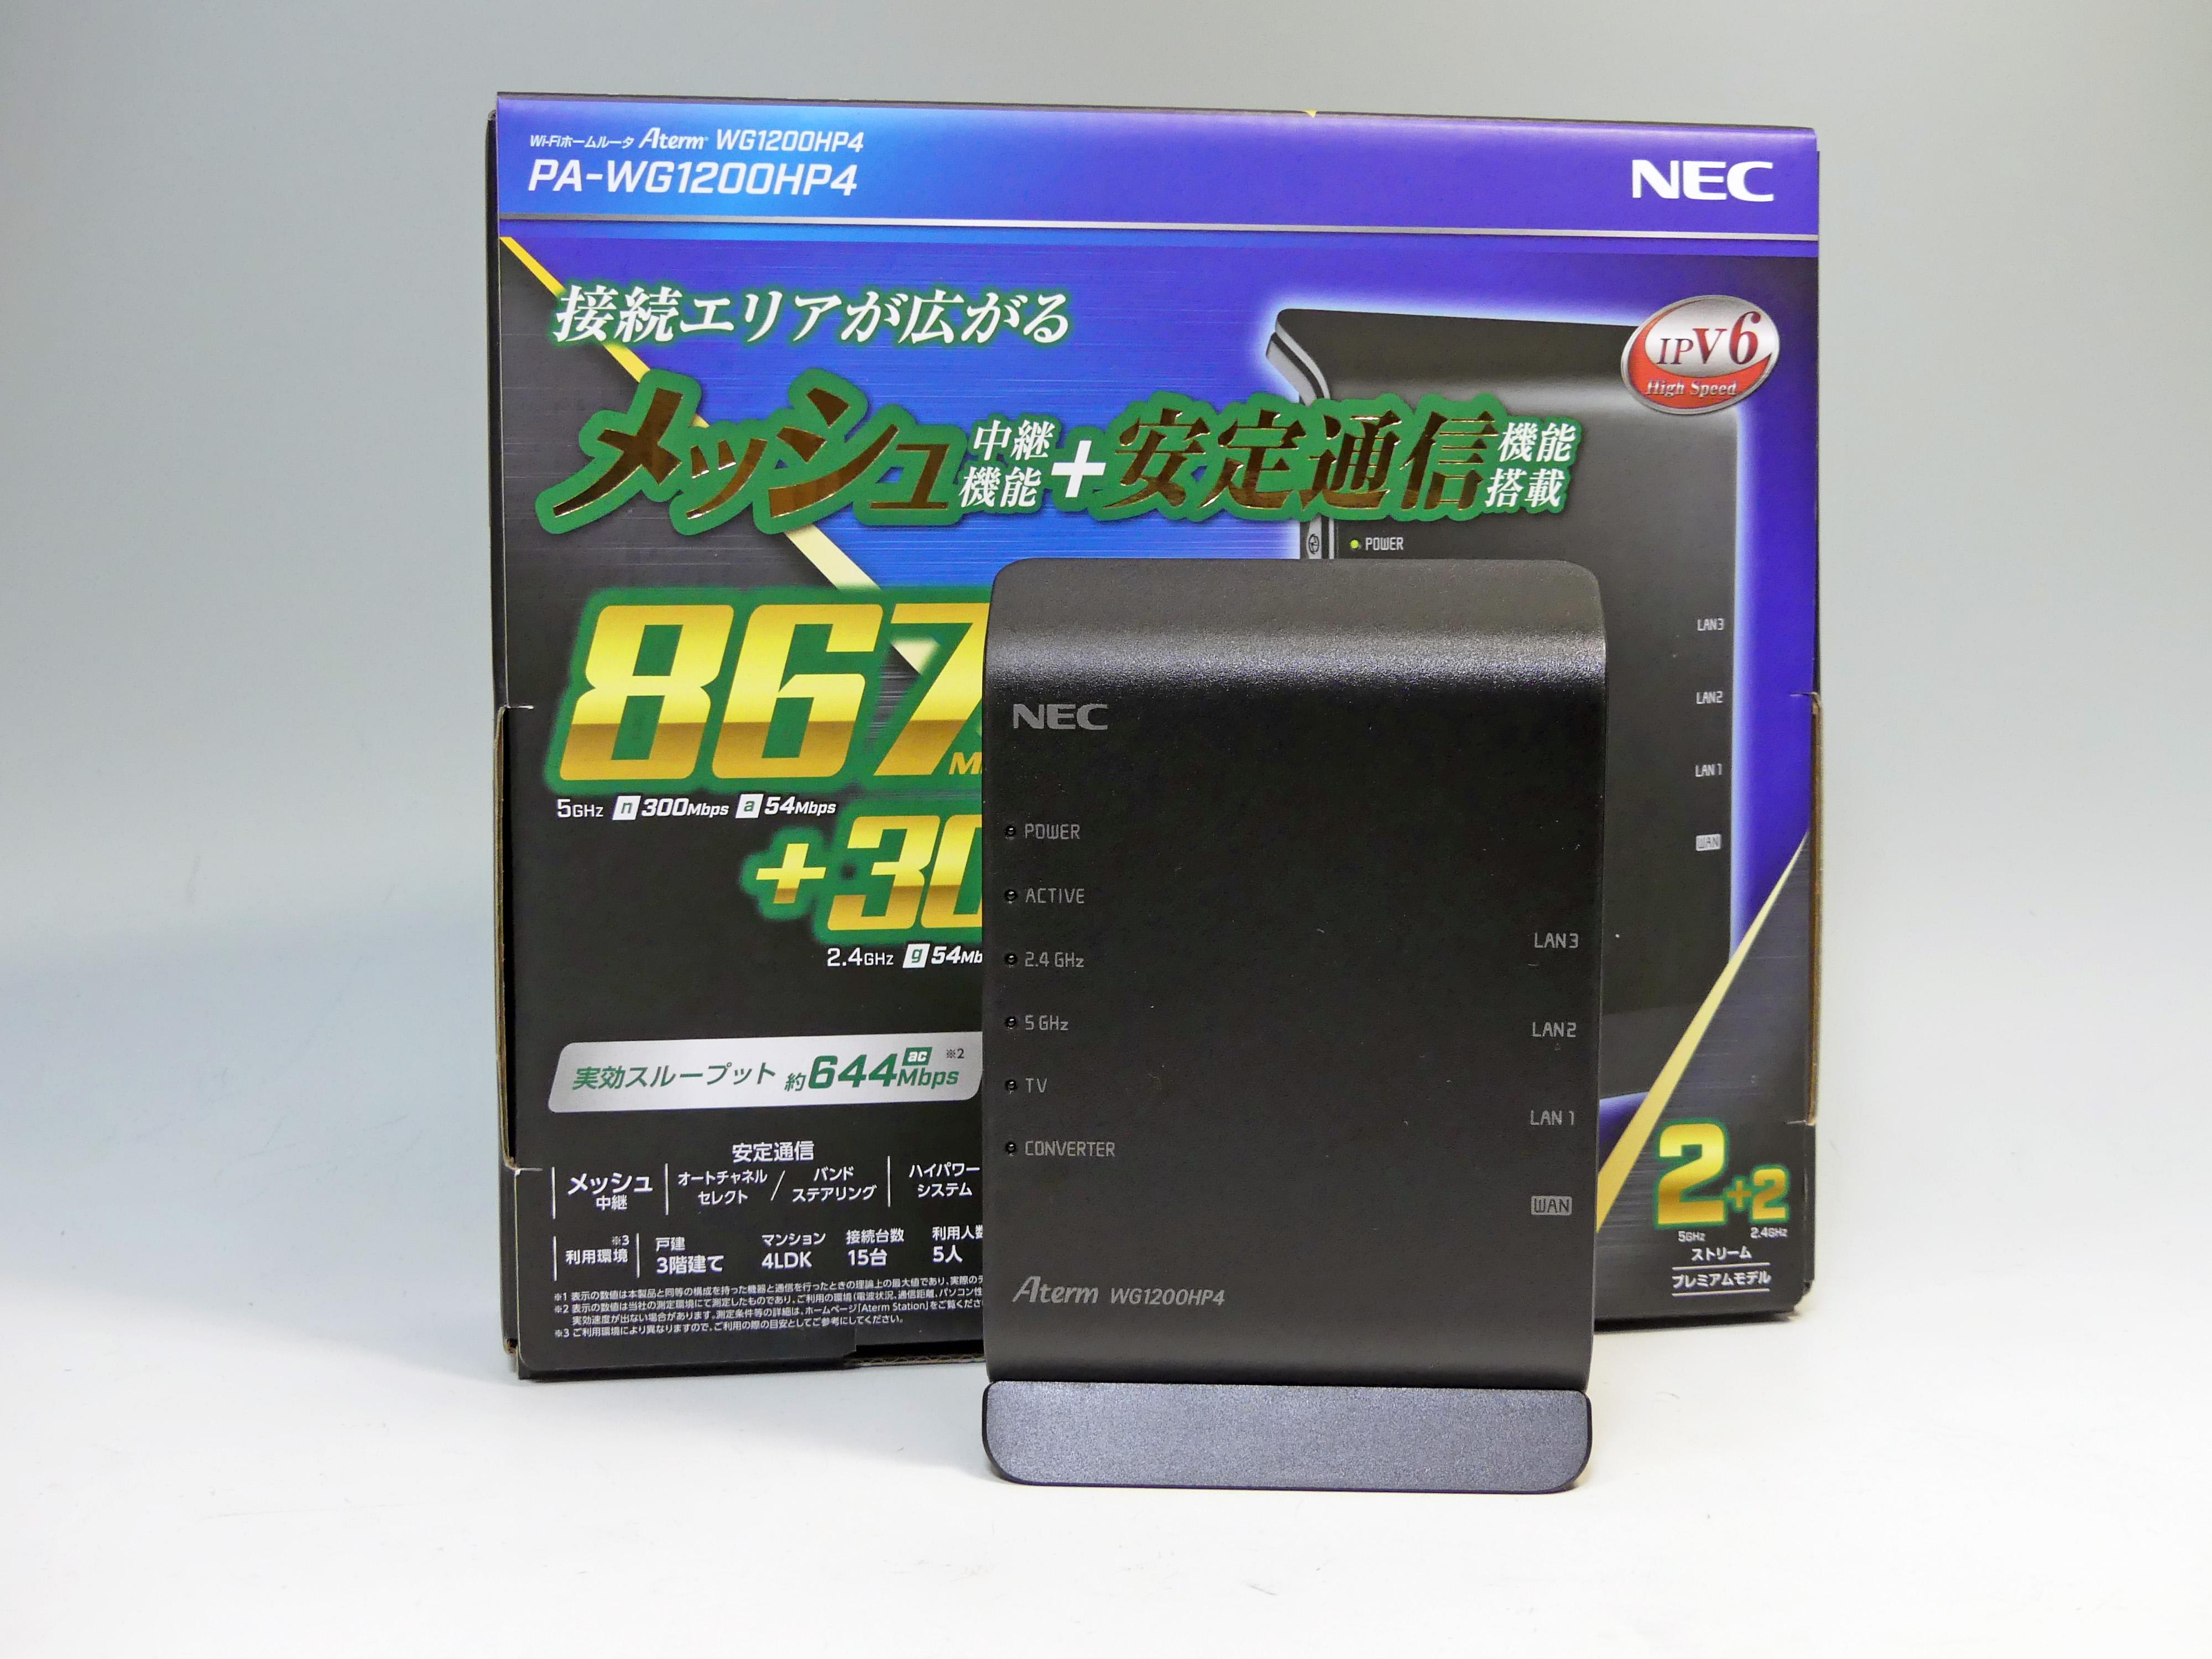 同じくメッシュに対応したAterm WG1200HP4。Wi-Fi 5の2ストリームで、最大867Mbpsに対応